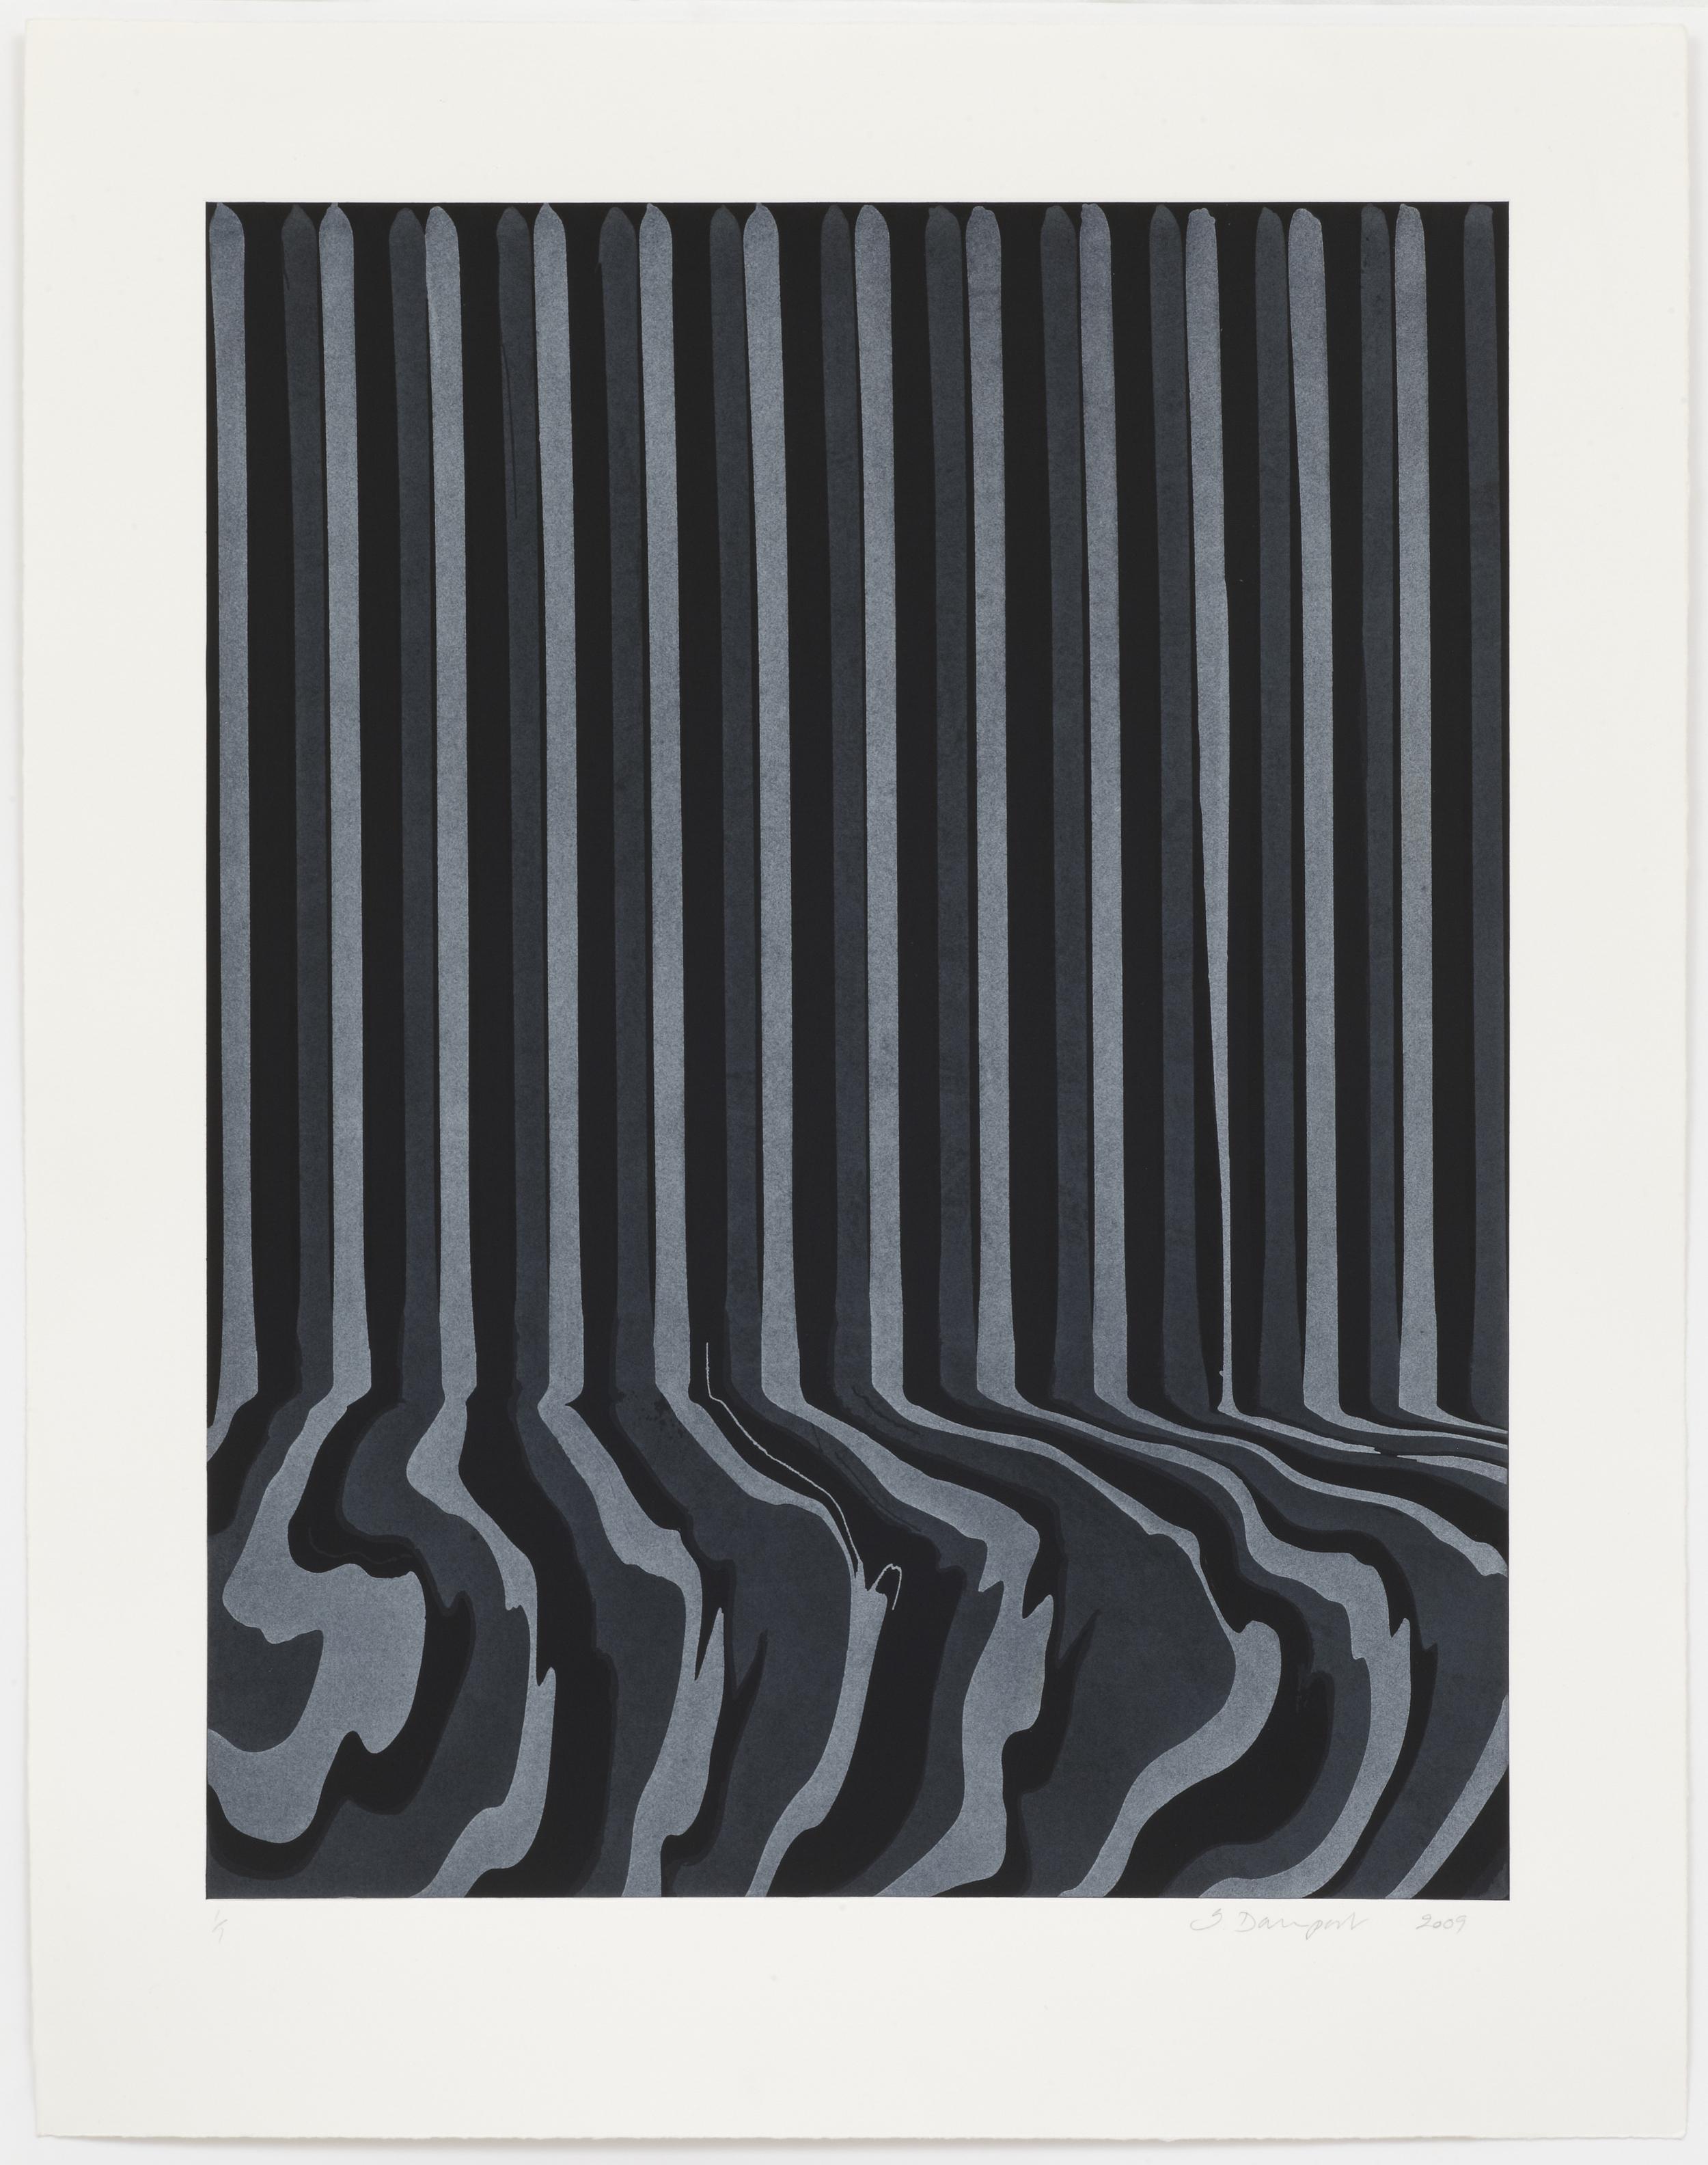 Ian Davenport  EtchedPuddle: 10 • 2009 Gravura em metal Edição: única 86.5 x 67 cm